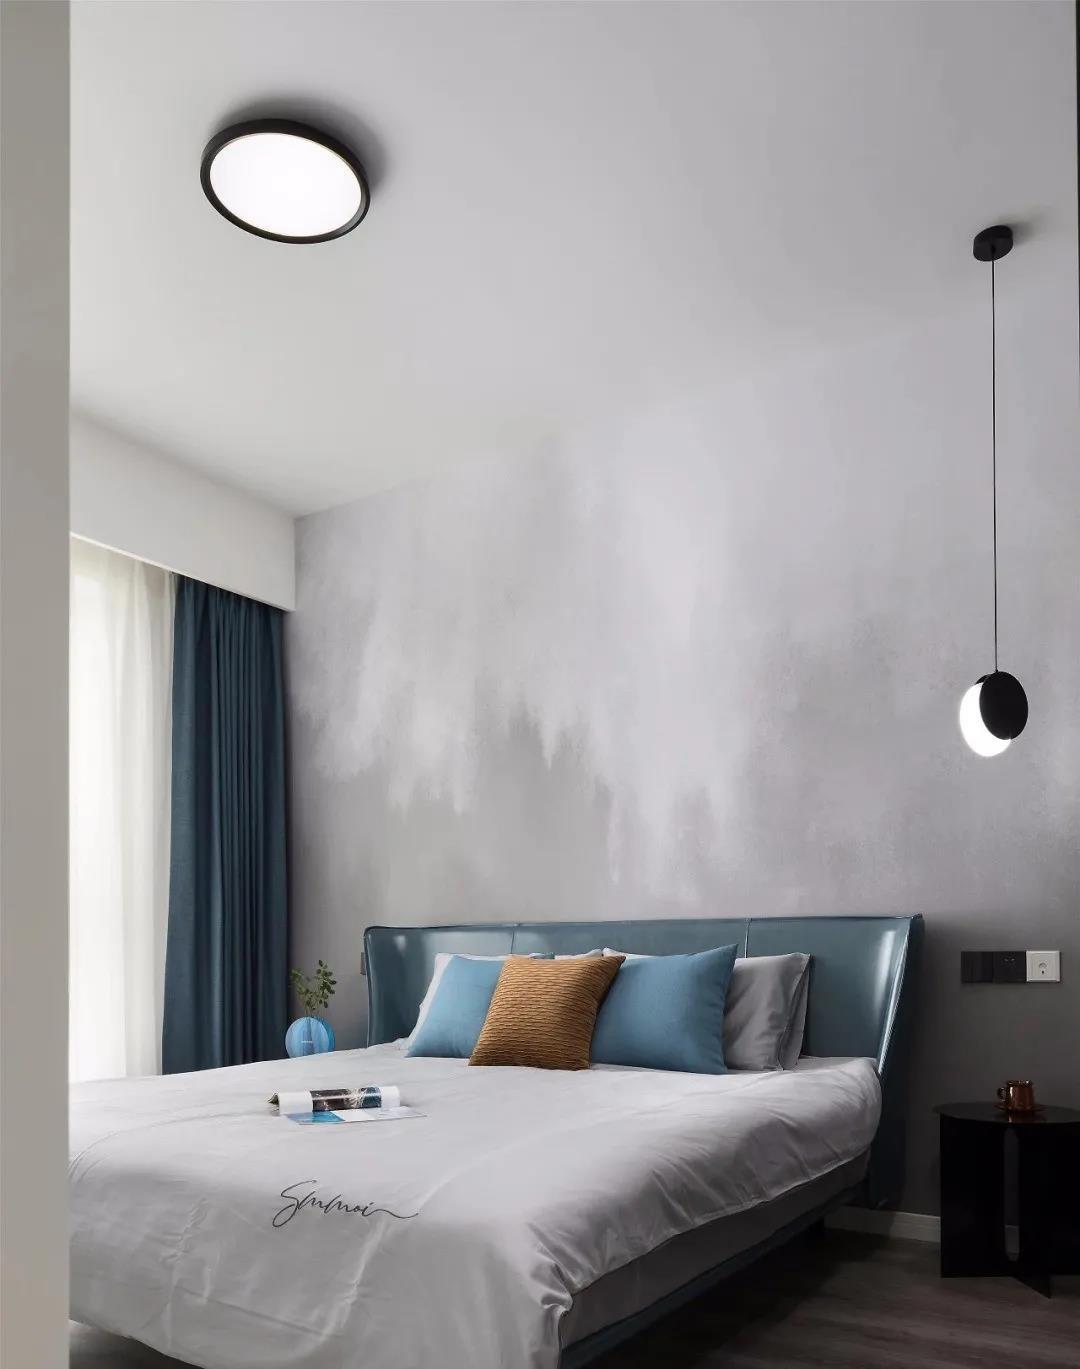 2021現代臥室裝修設計圖片 2021現代床裝修效果圖片